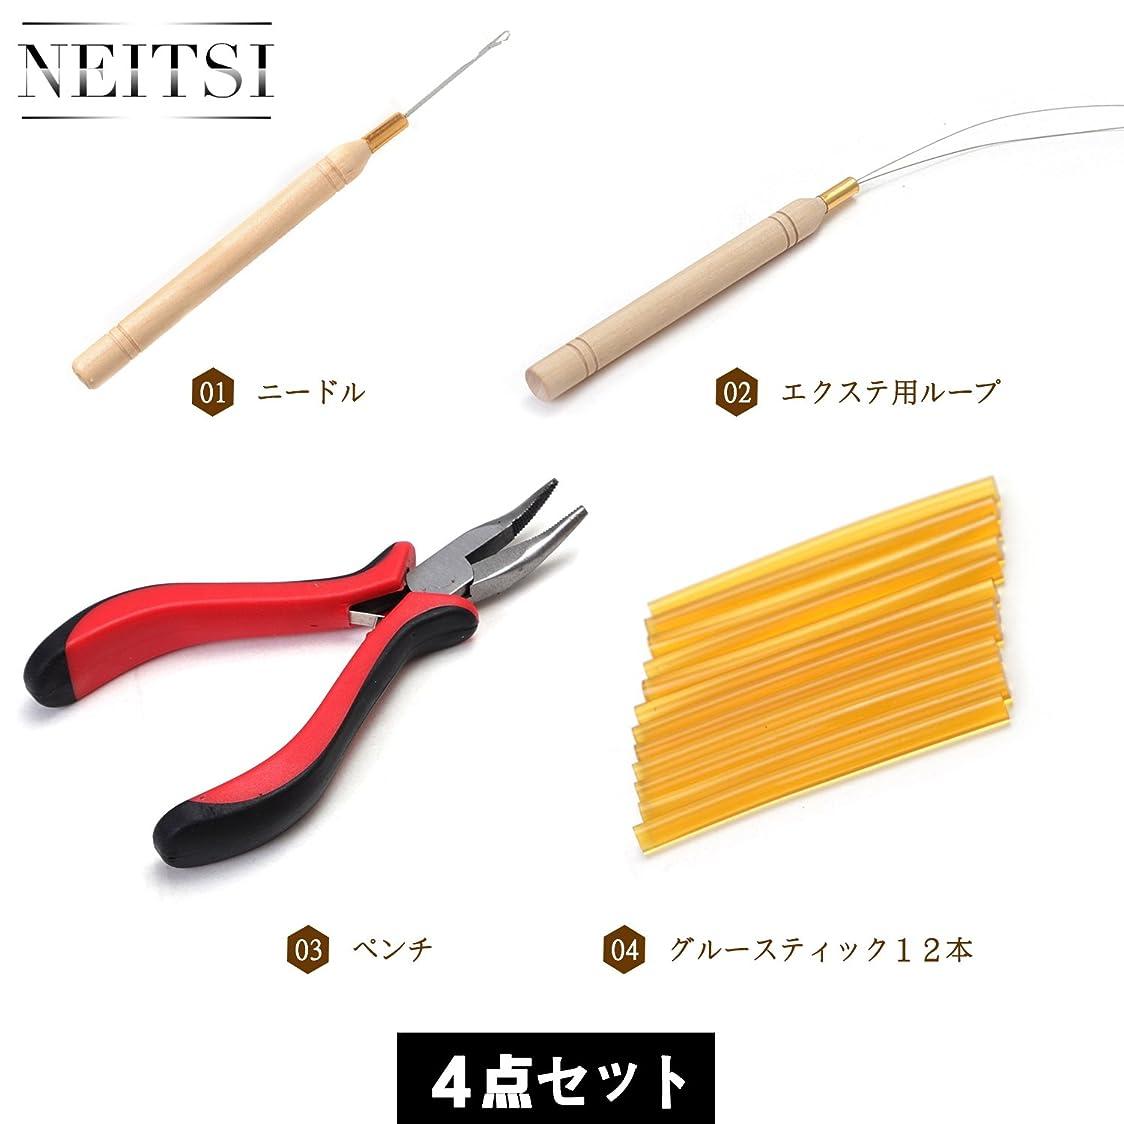 氷精巧な冗長Neitsi(ネイティス)エクステンション用先細 先曲ペンチ エクステ用フック針 ビーズ針 グルースティック溶接棒 ホットメルト接着剤 プライヤー ビーズ通し ウィッグ用工具セット (黄色グルースティック)